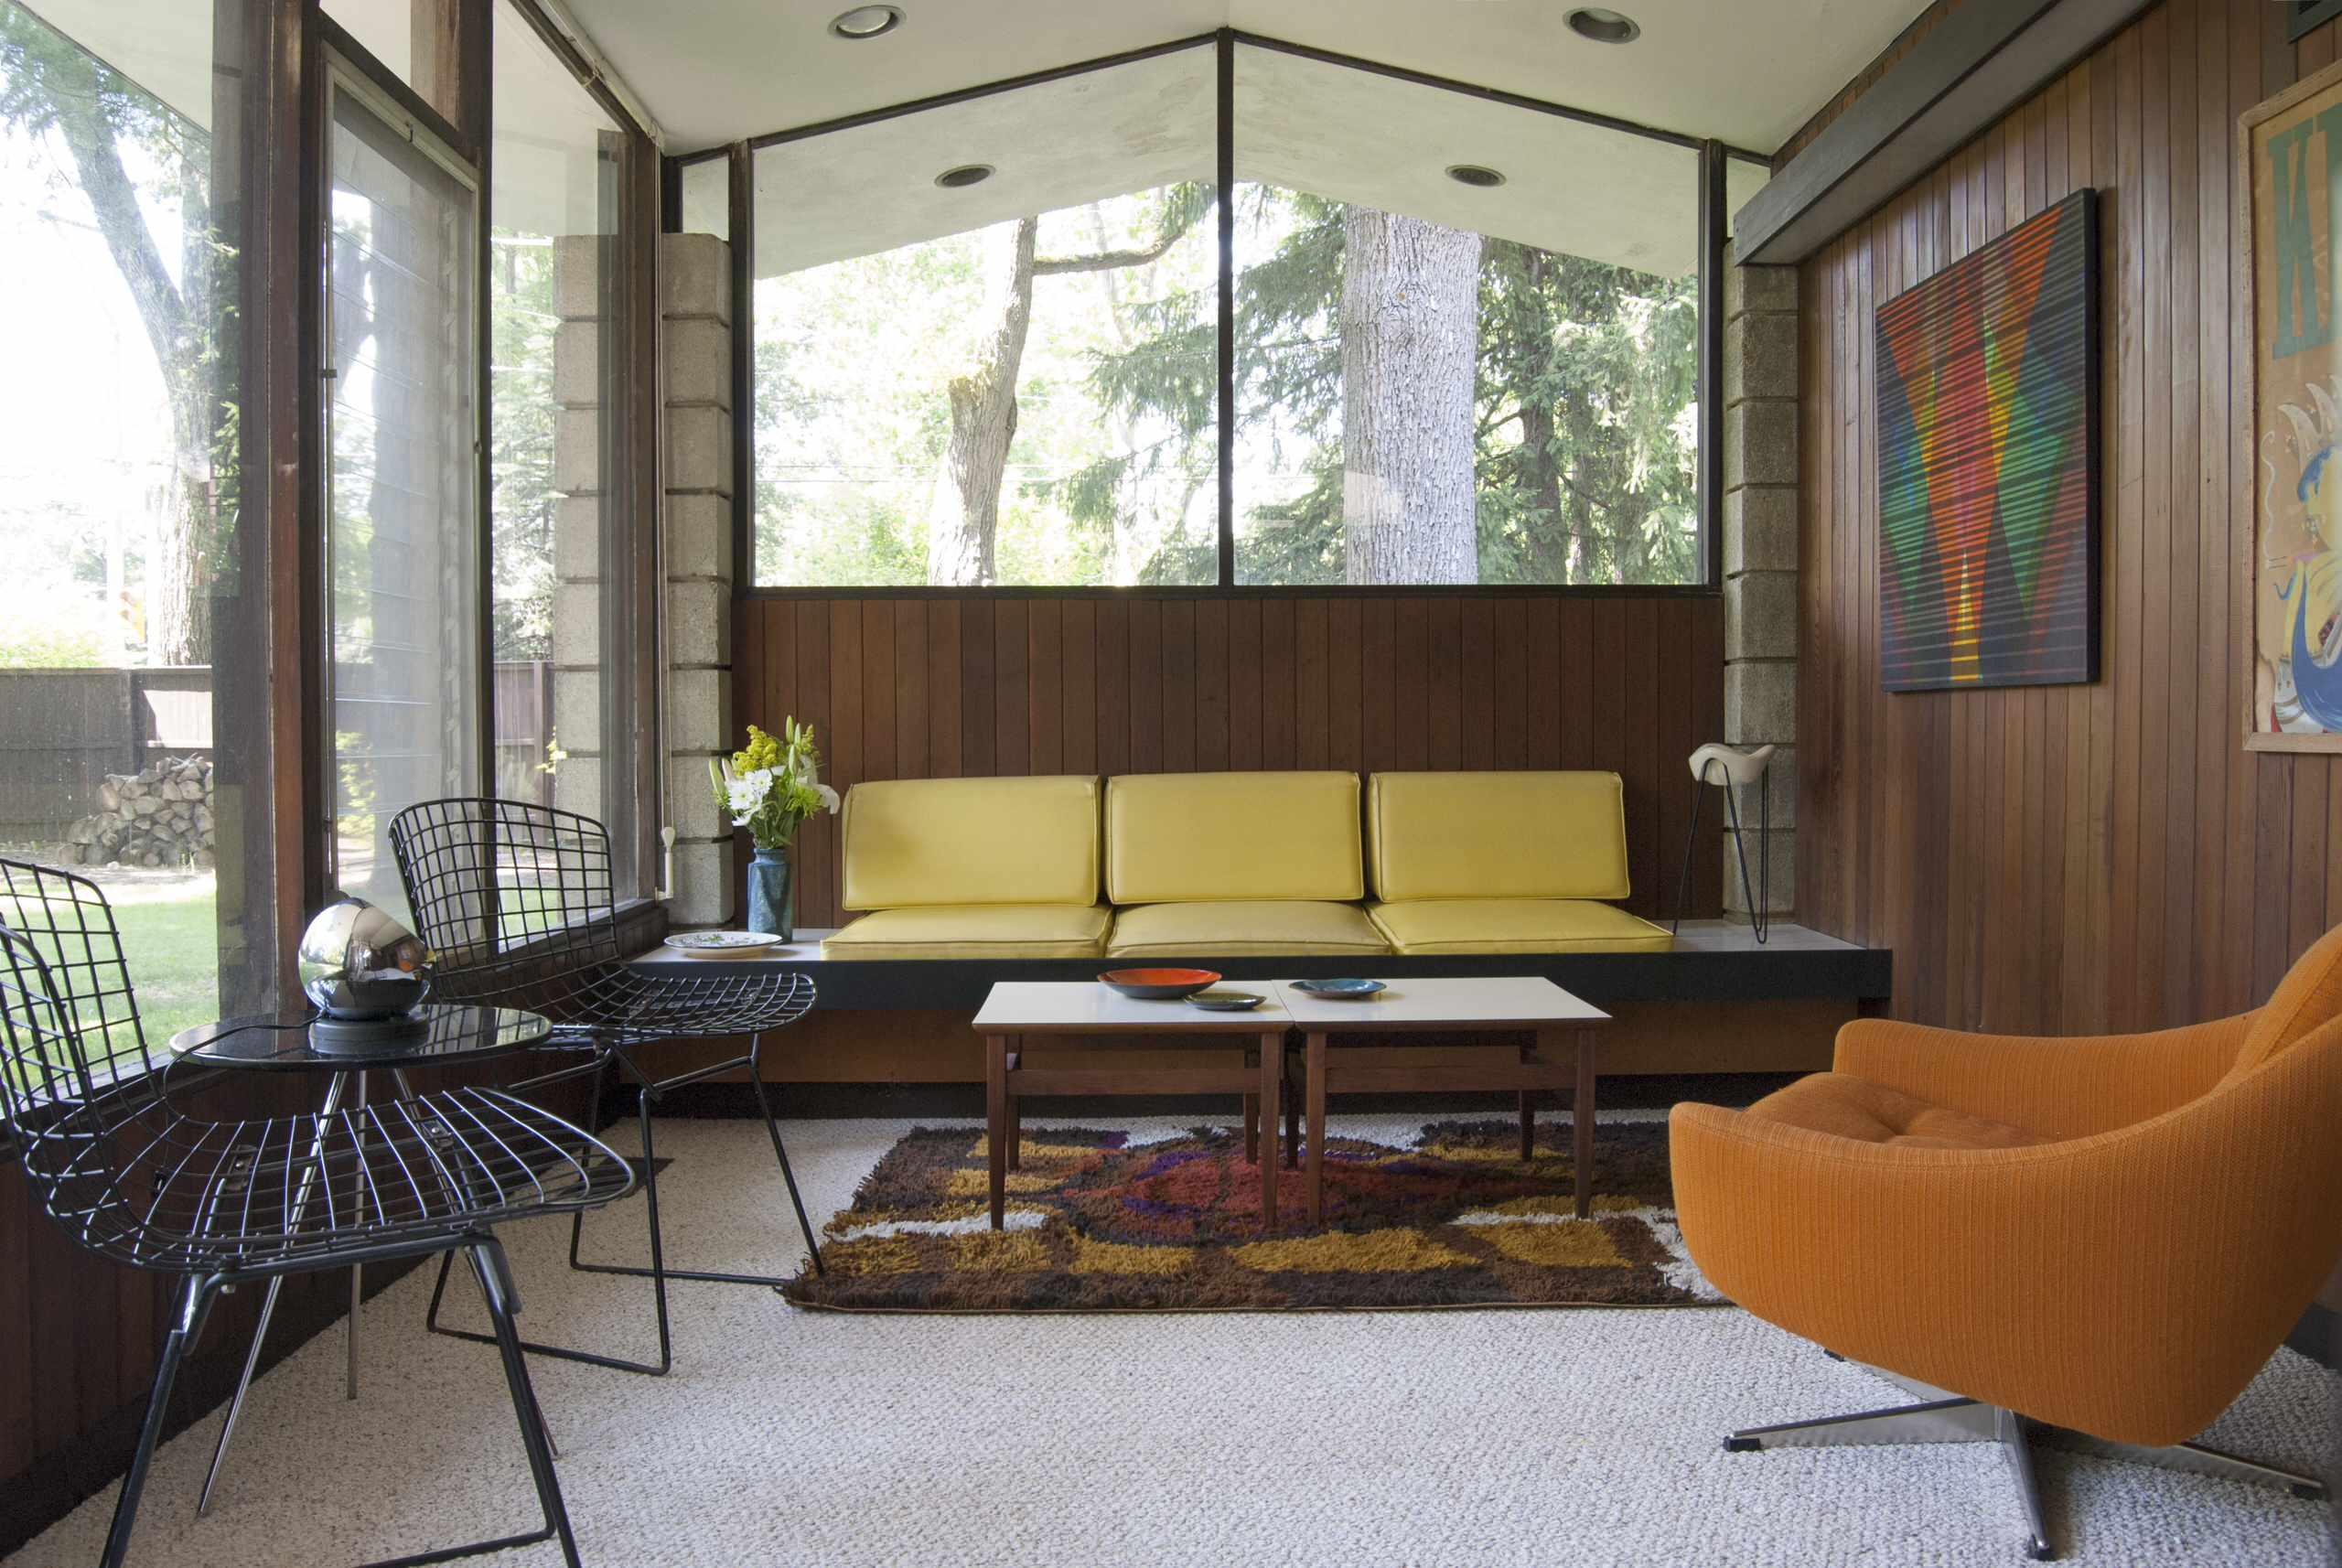 1950s Midcentury Living Room Ideas Photos Houzz